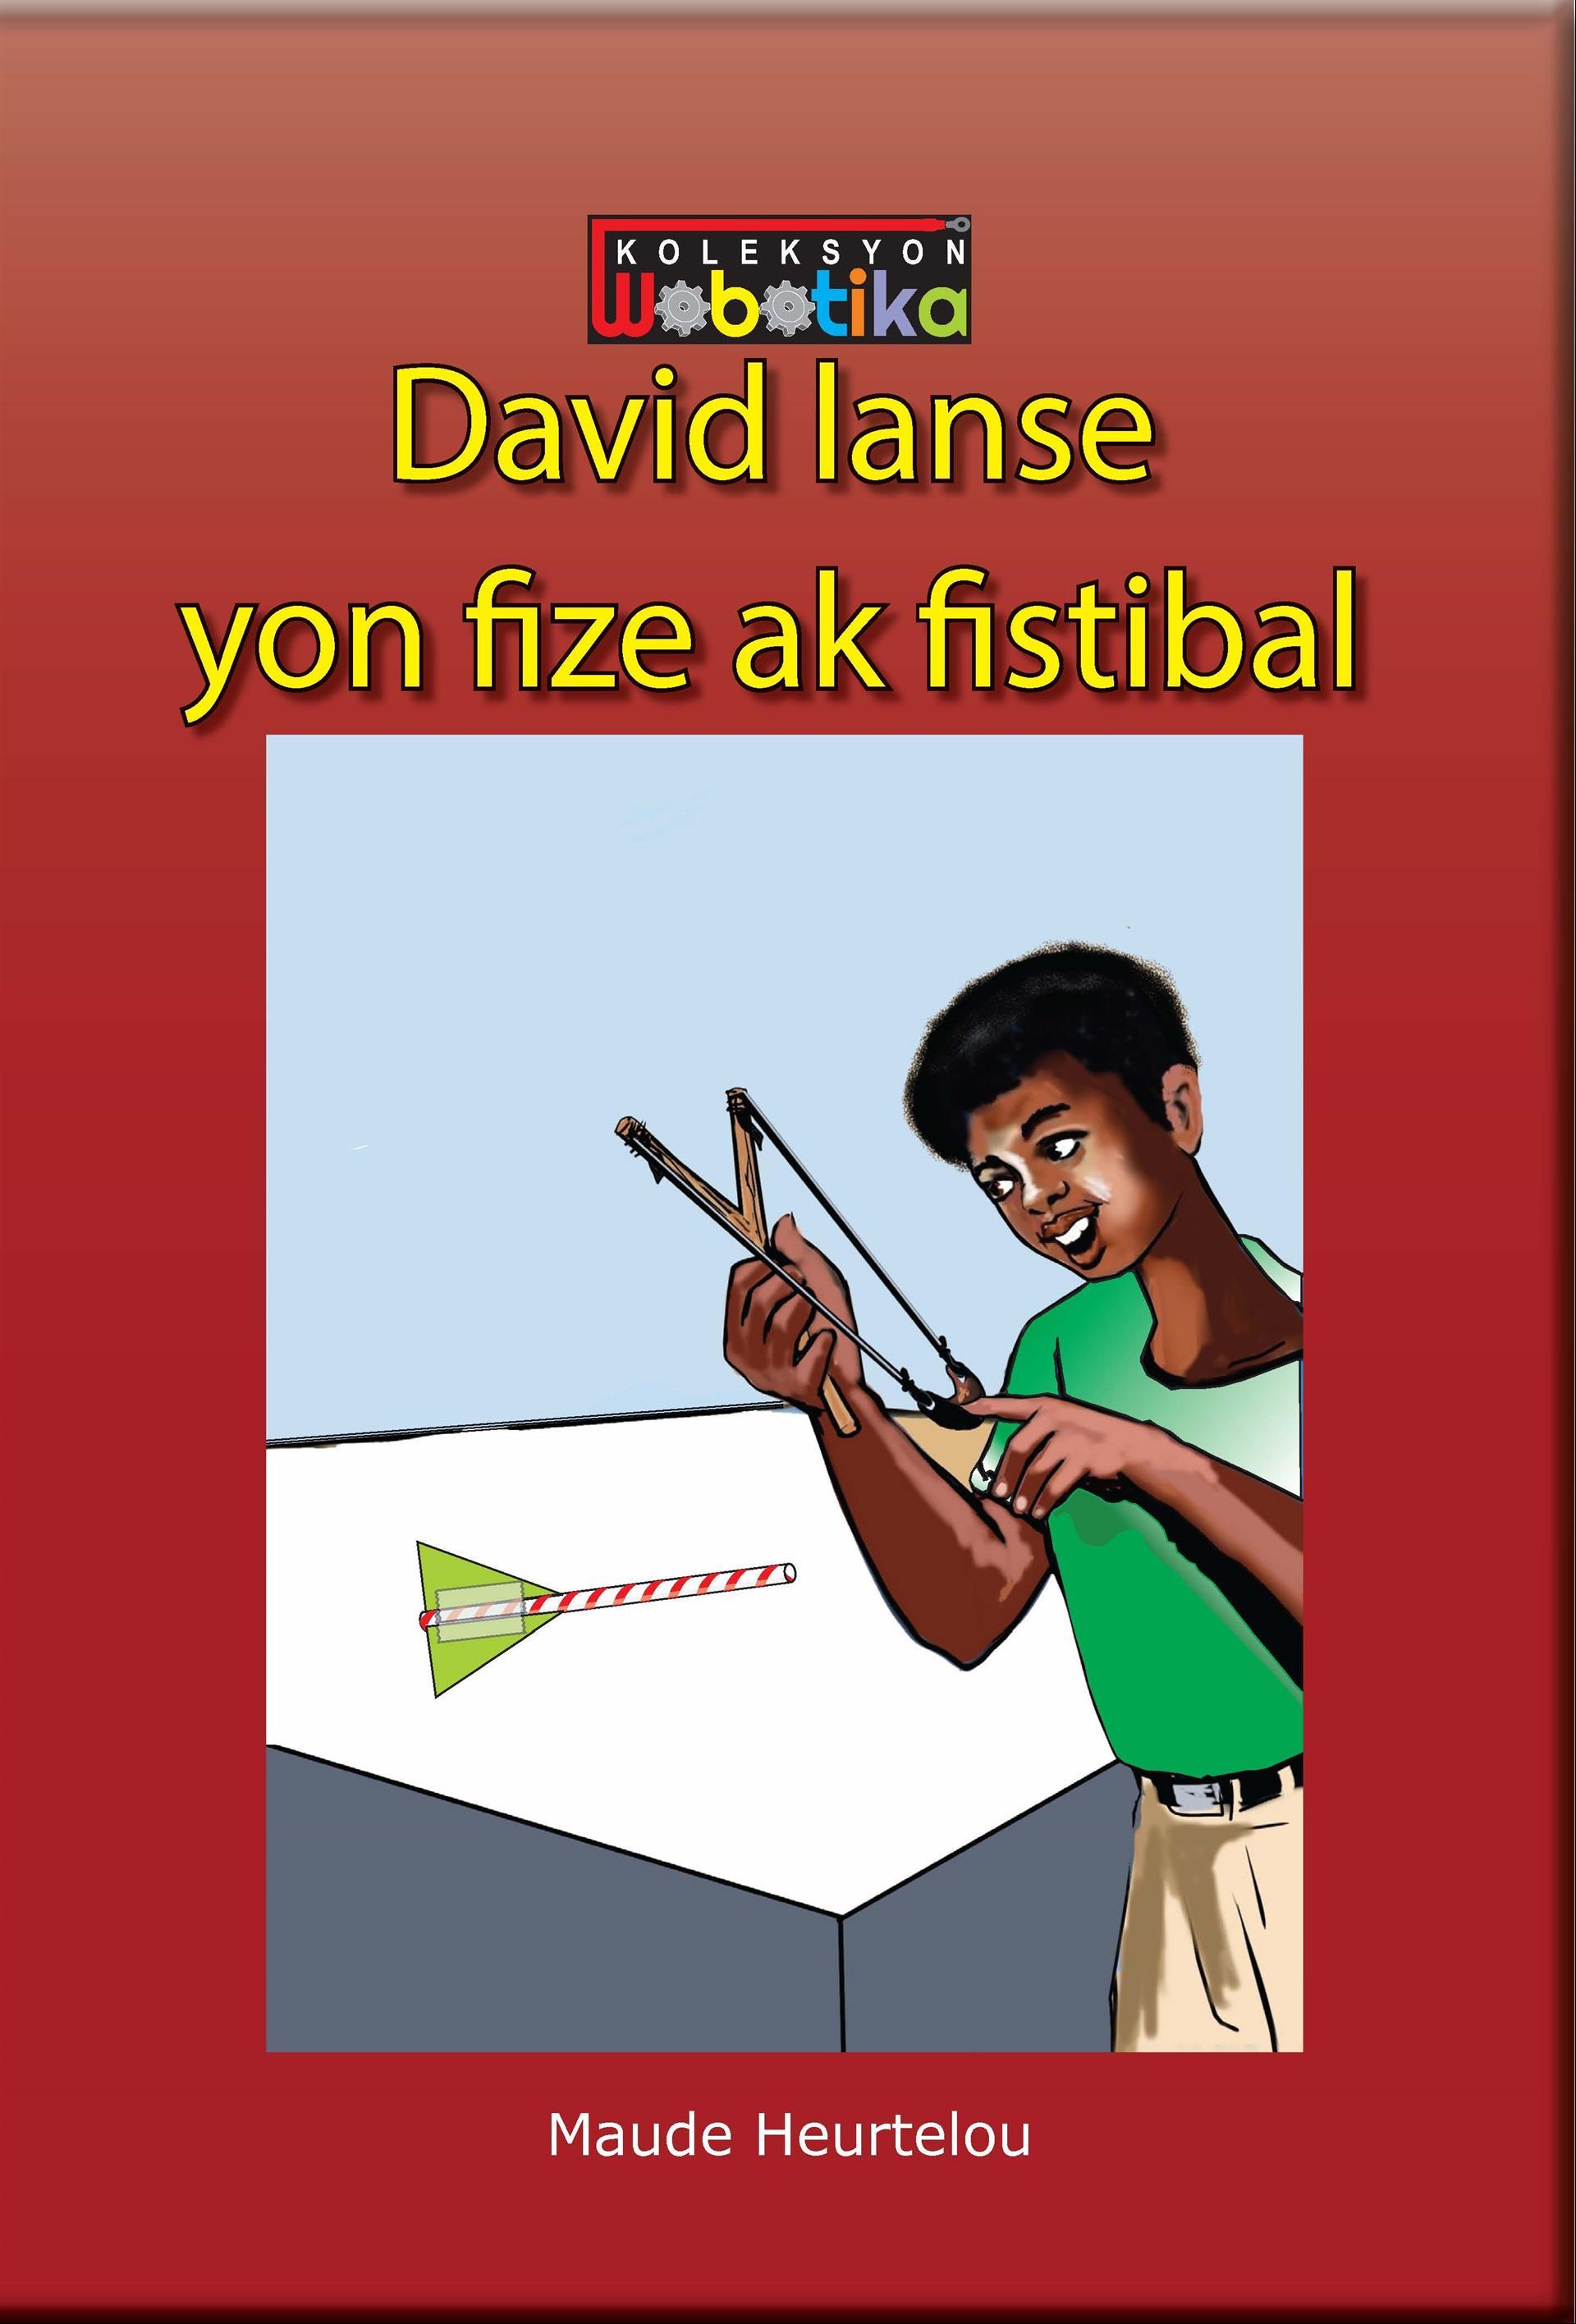 David lanse yon fize ak fistibal